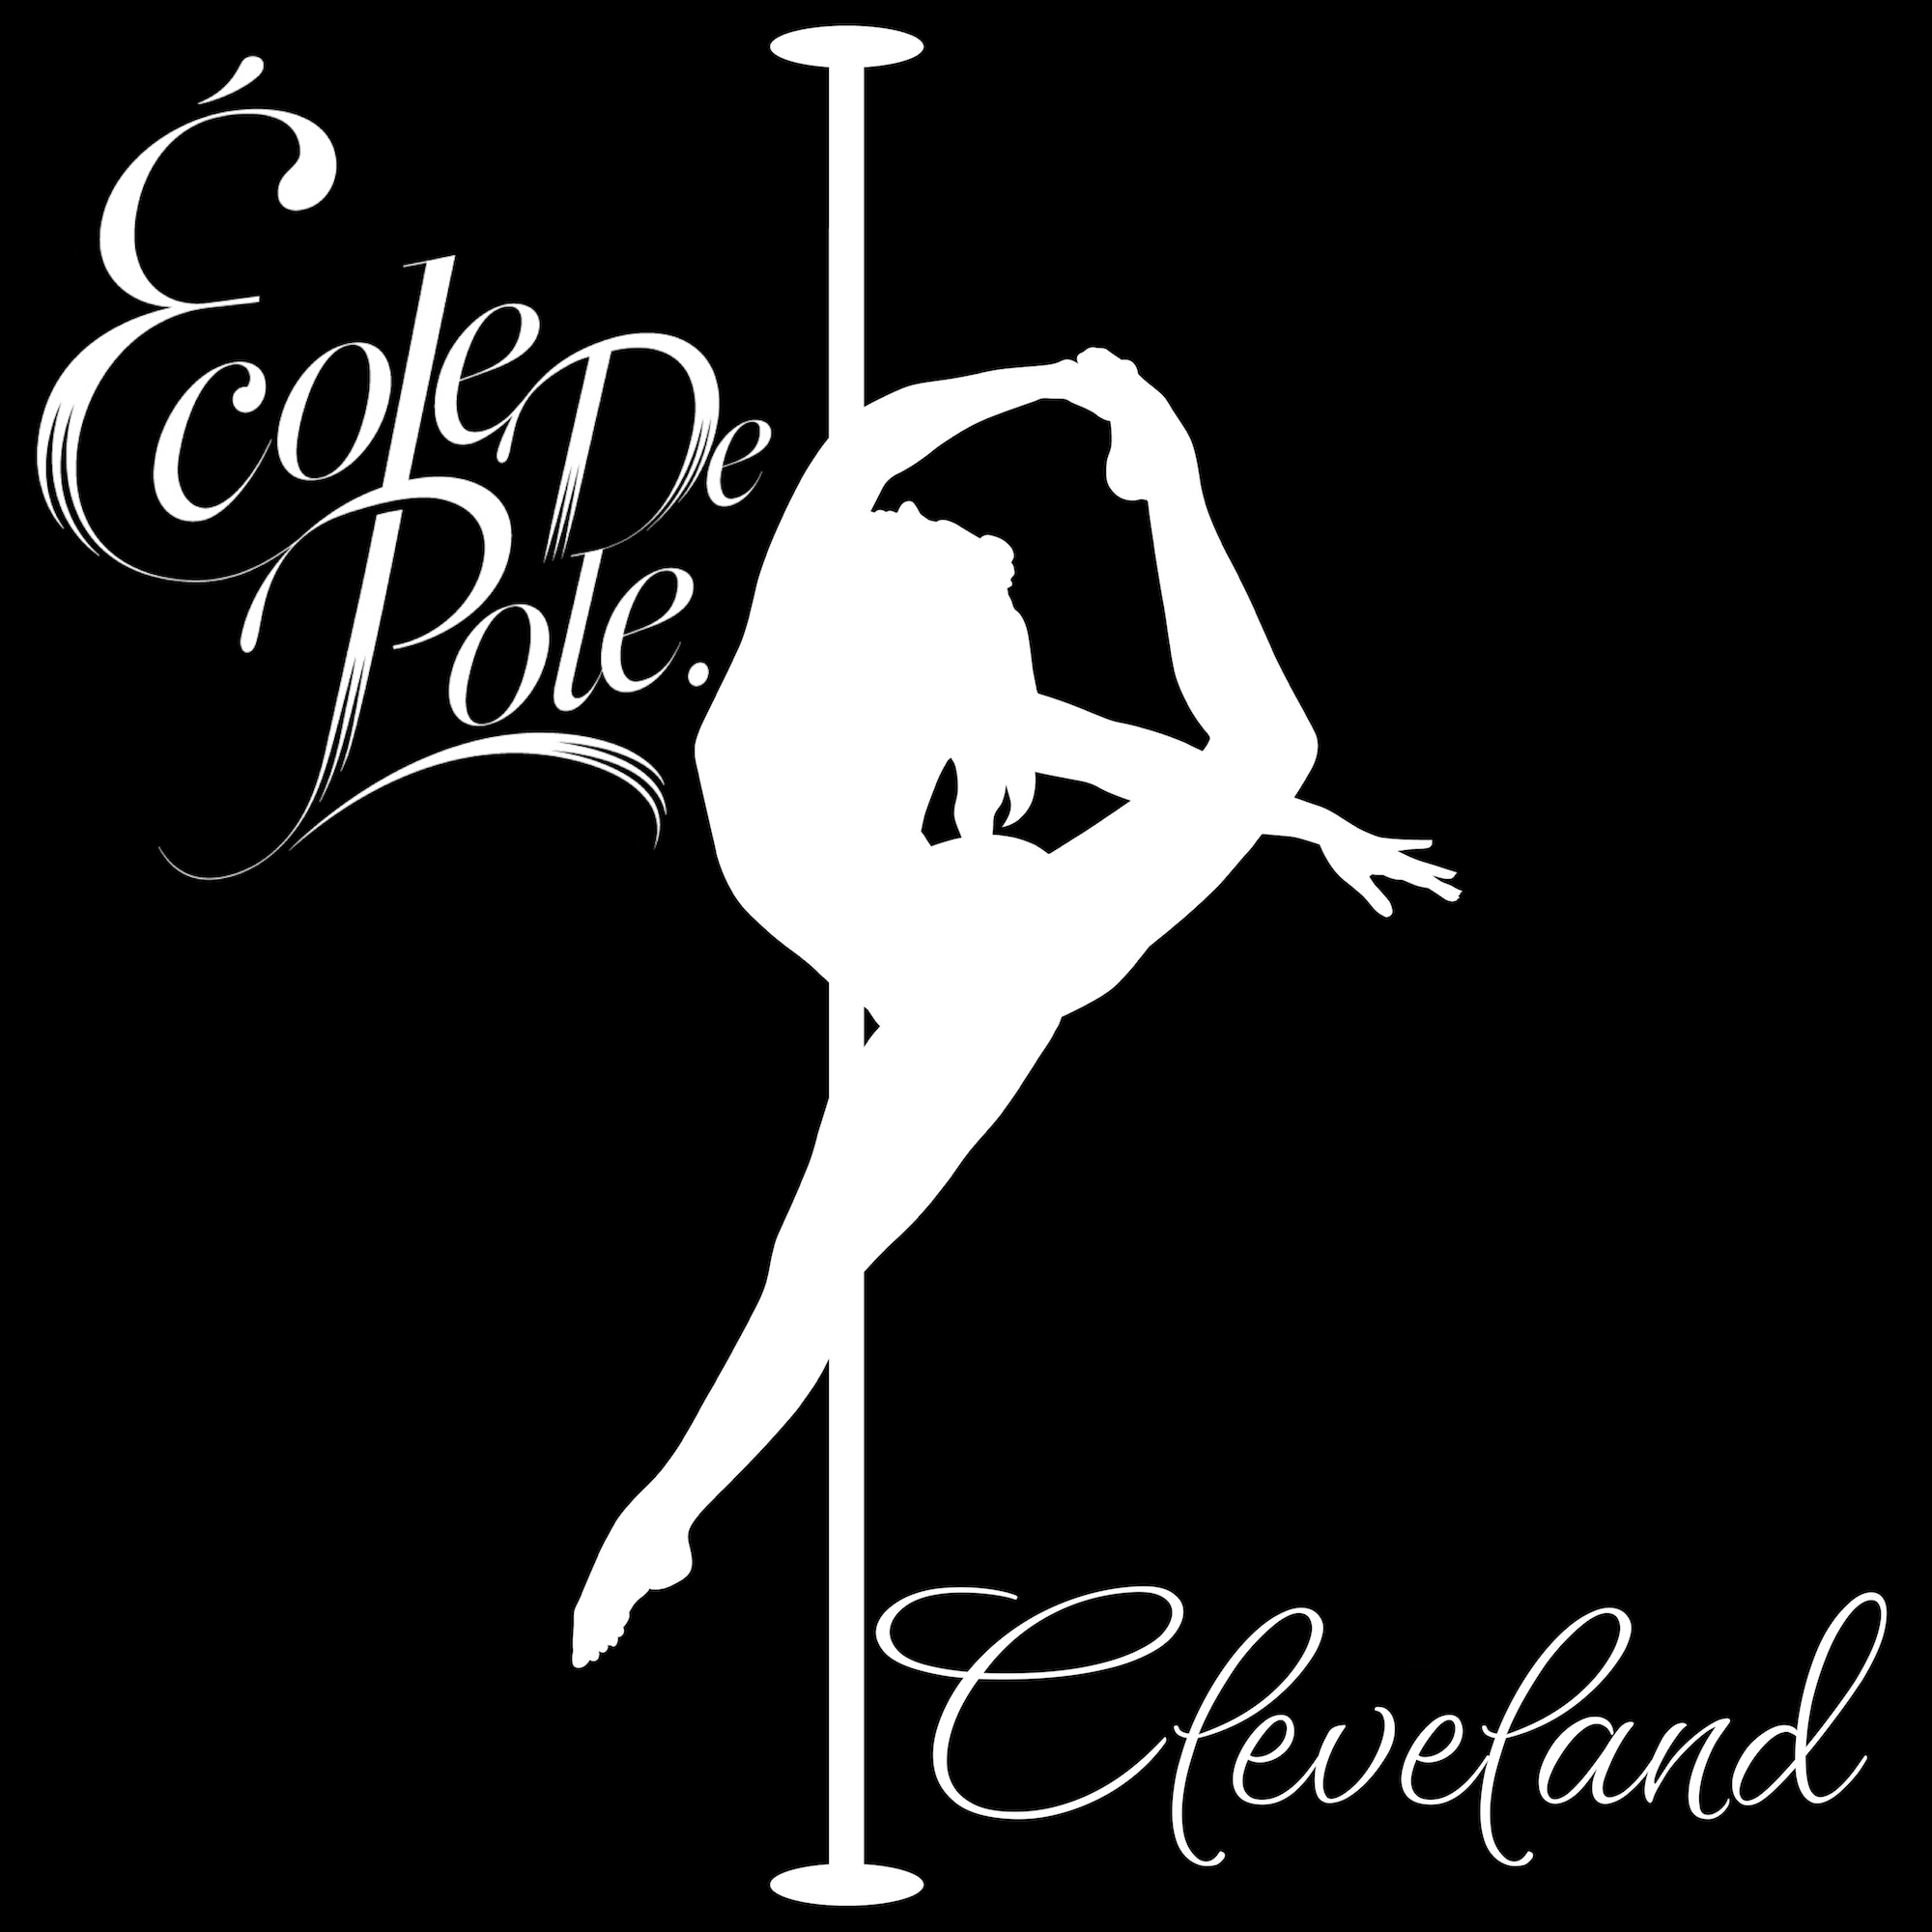 Ecole De Pole Cleveland